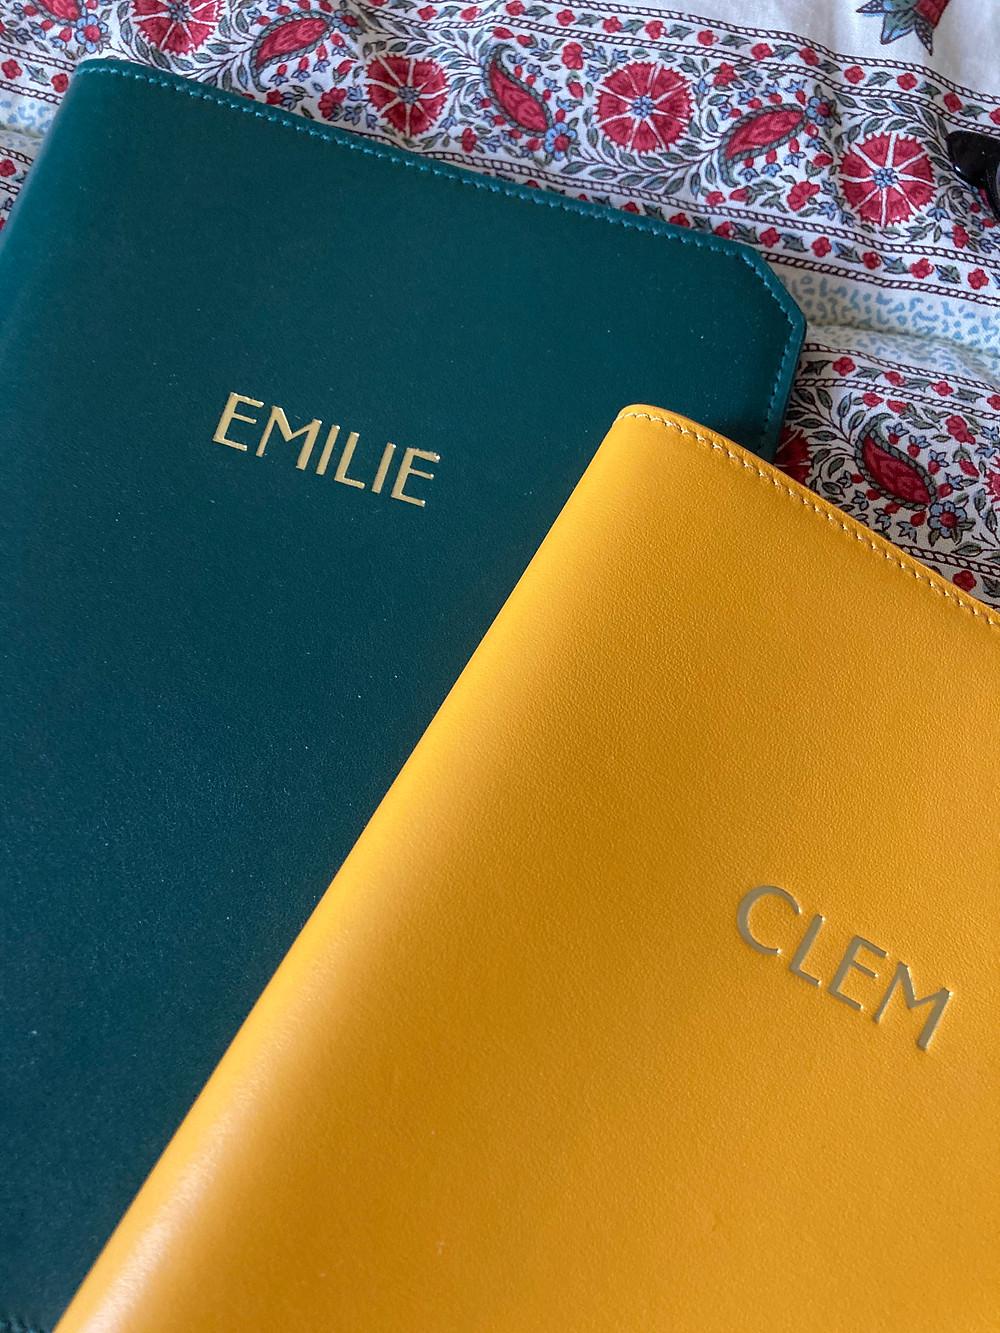 Carnet de notes personnalises Prenom Emilie Surnom Clem